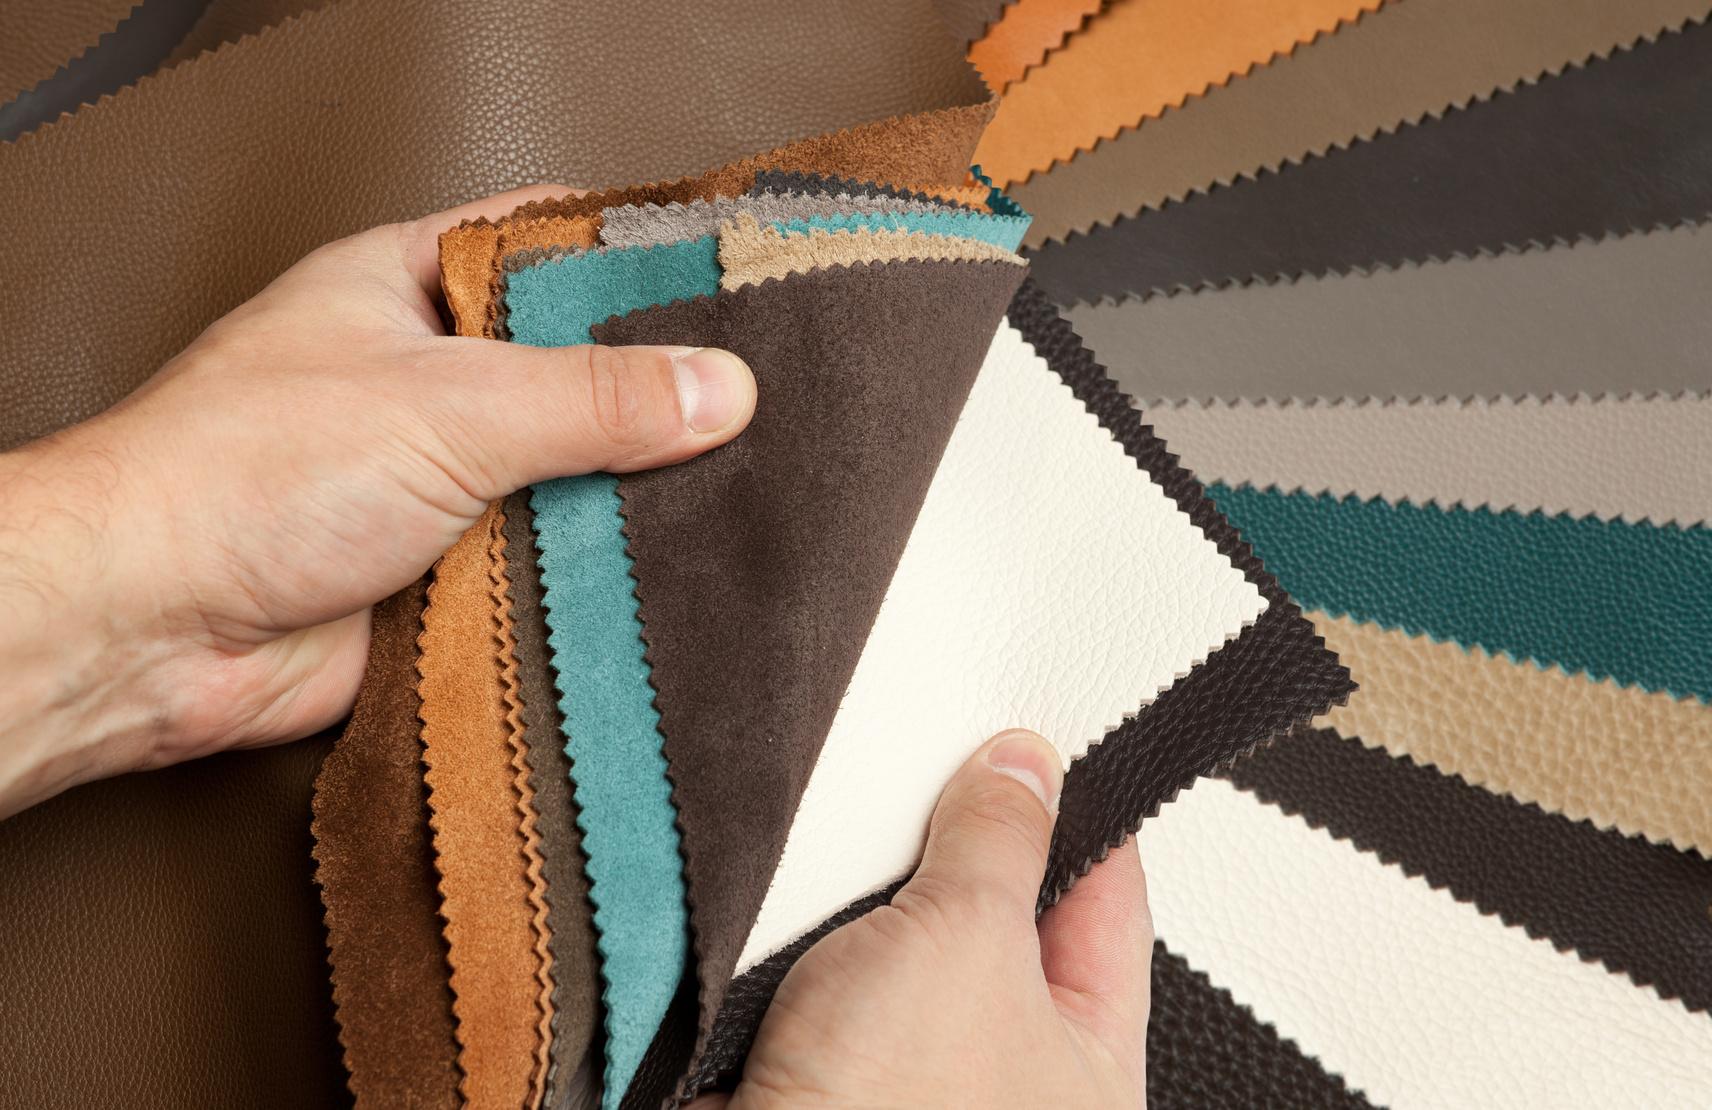 Anilinleder Ist Es Wirklich Das Beste Leder Für Dein Sofa